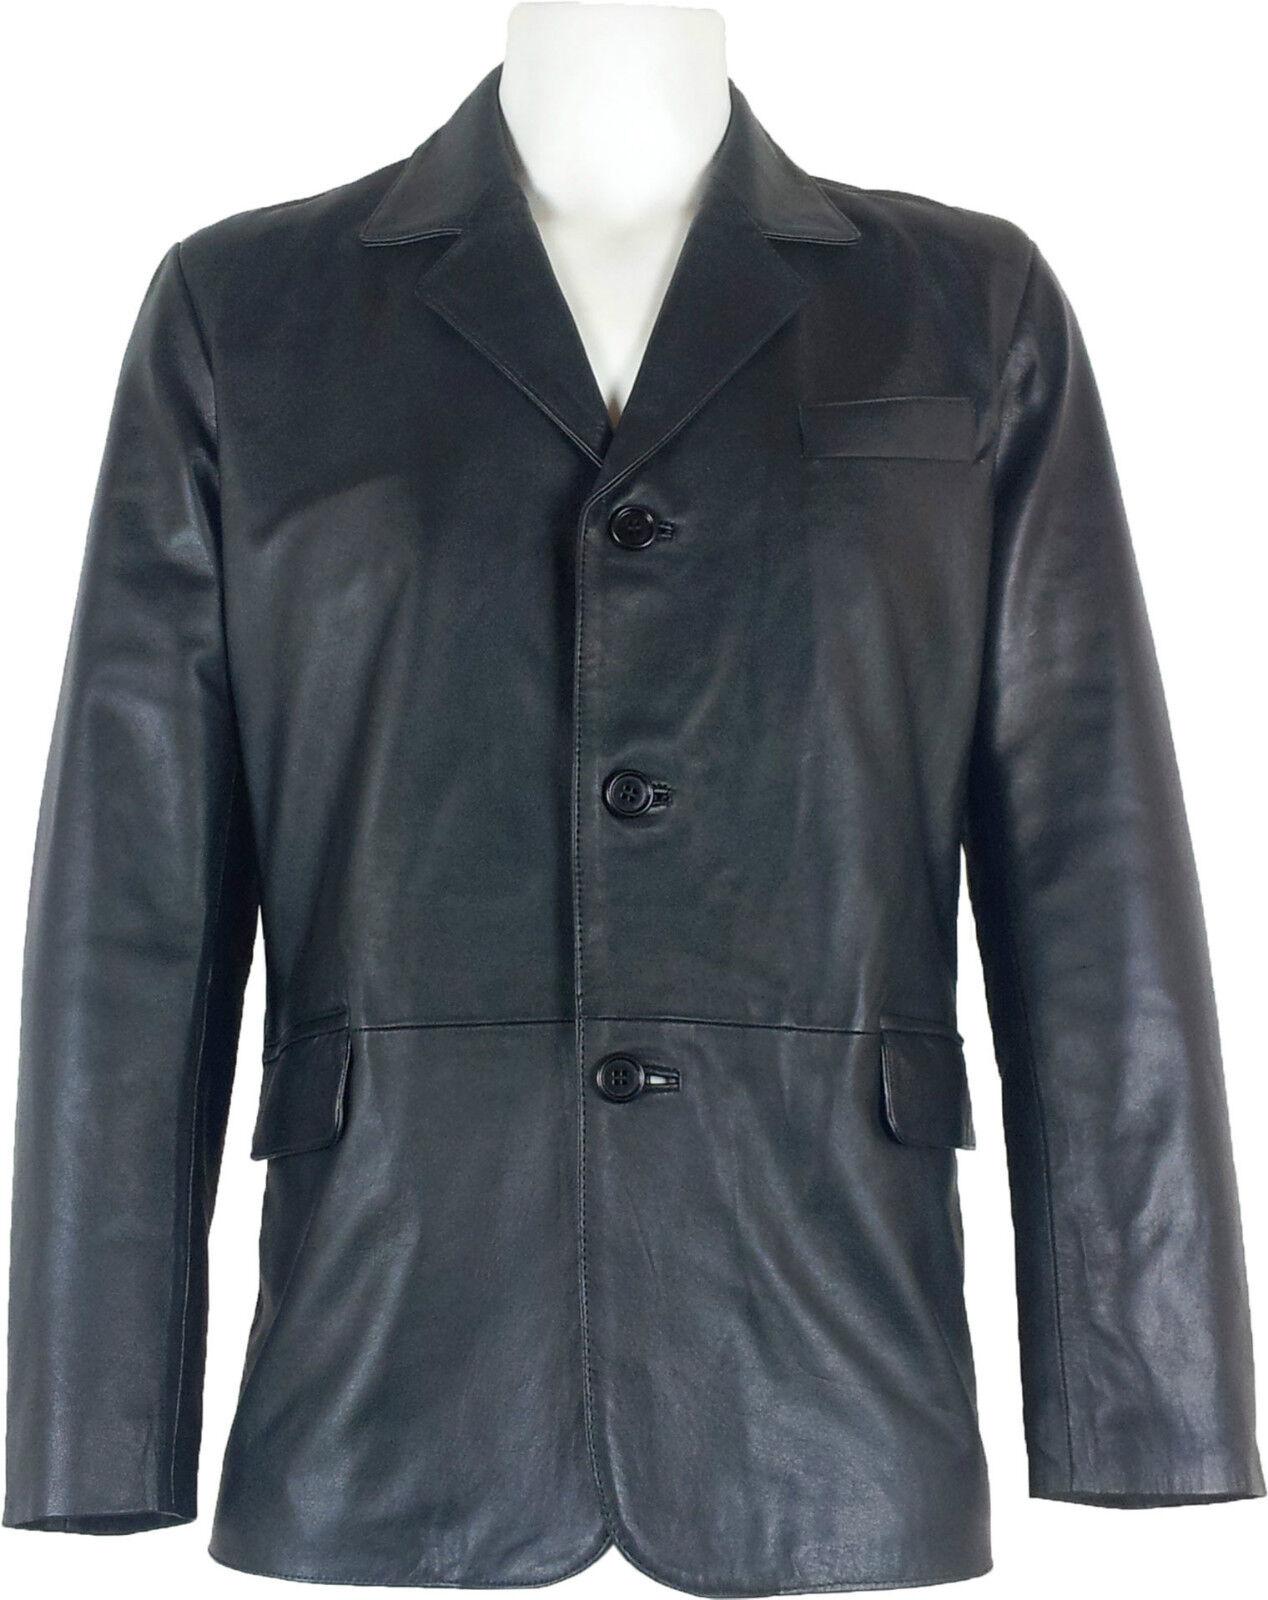 UNICORN Hombre Genuino real cuero chaqueta Estilo clásico Blazer traje black  B5